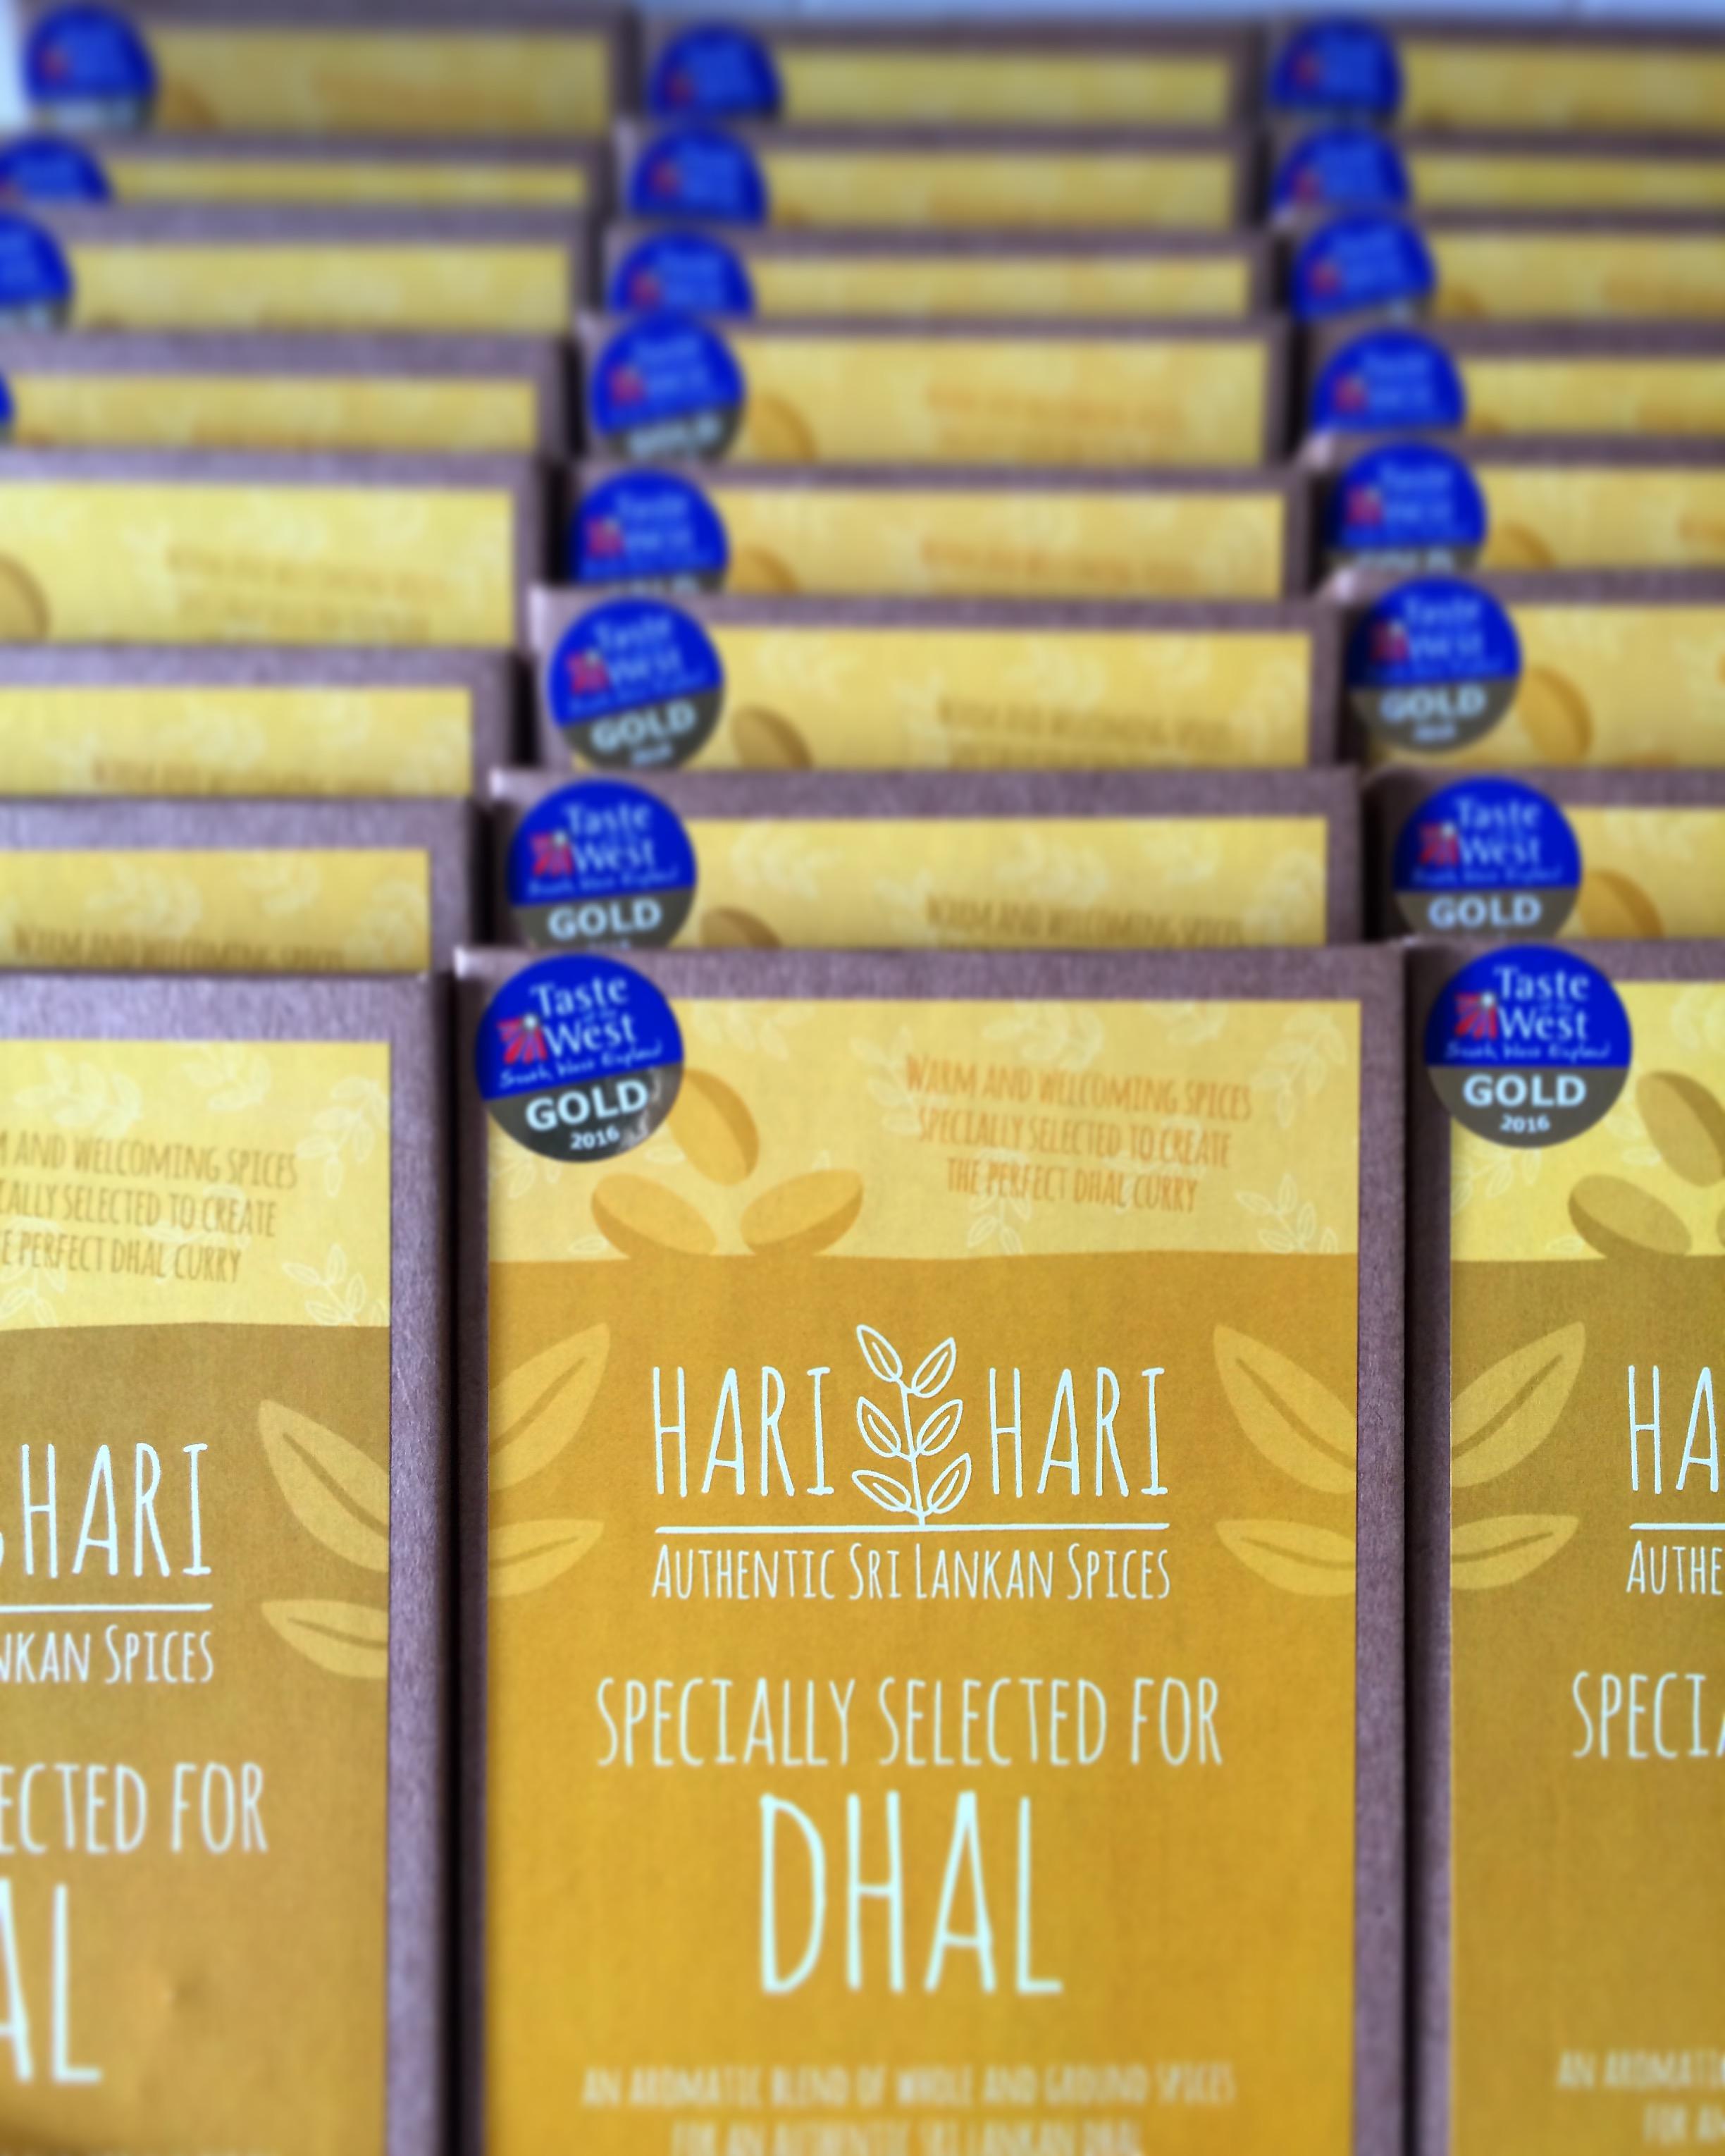 Our Story - Hari Hari